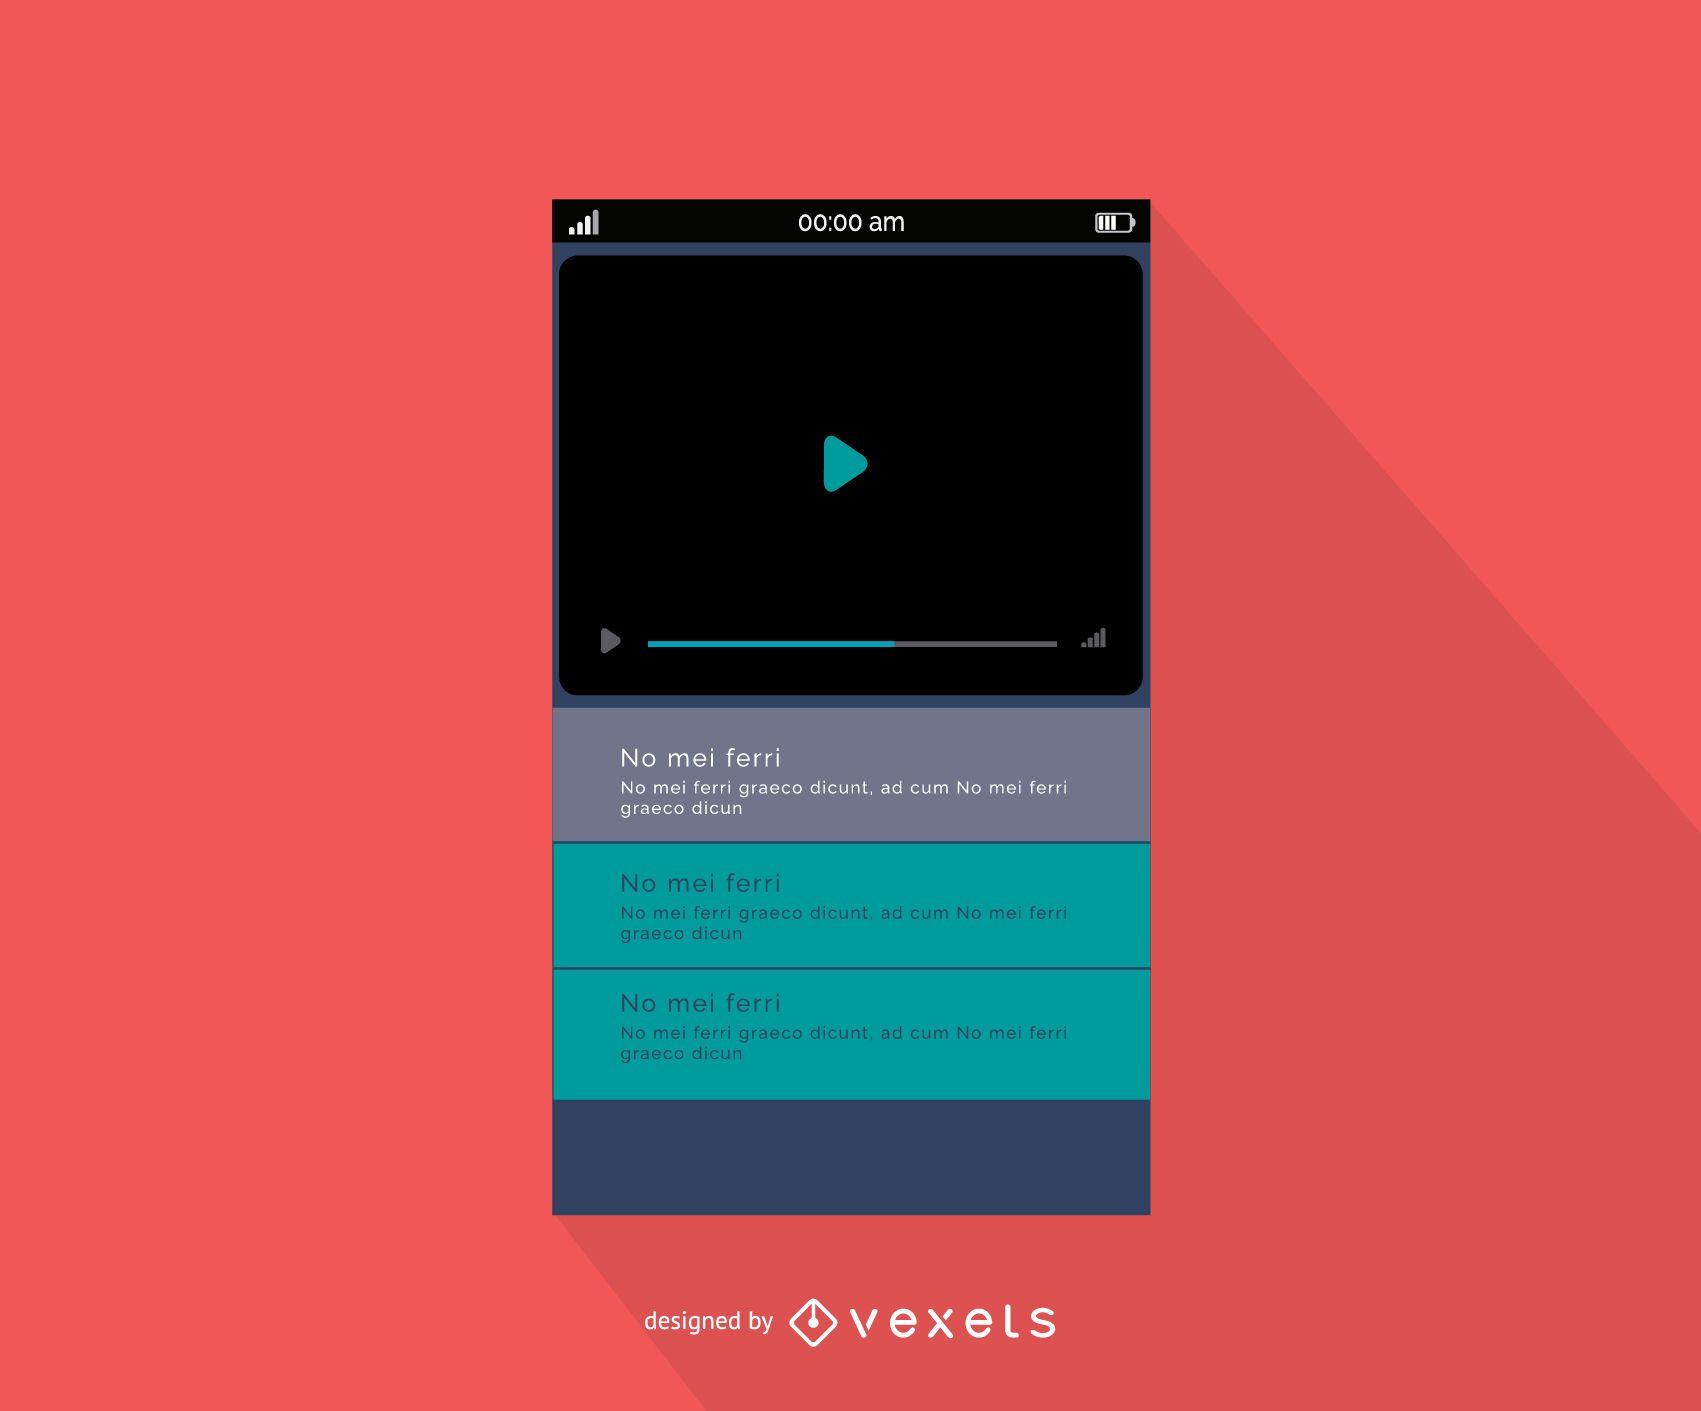 Diseño de interfaz de reproductor de video móvil